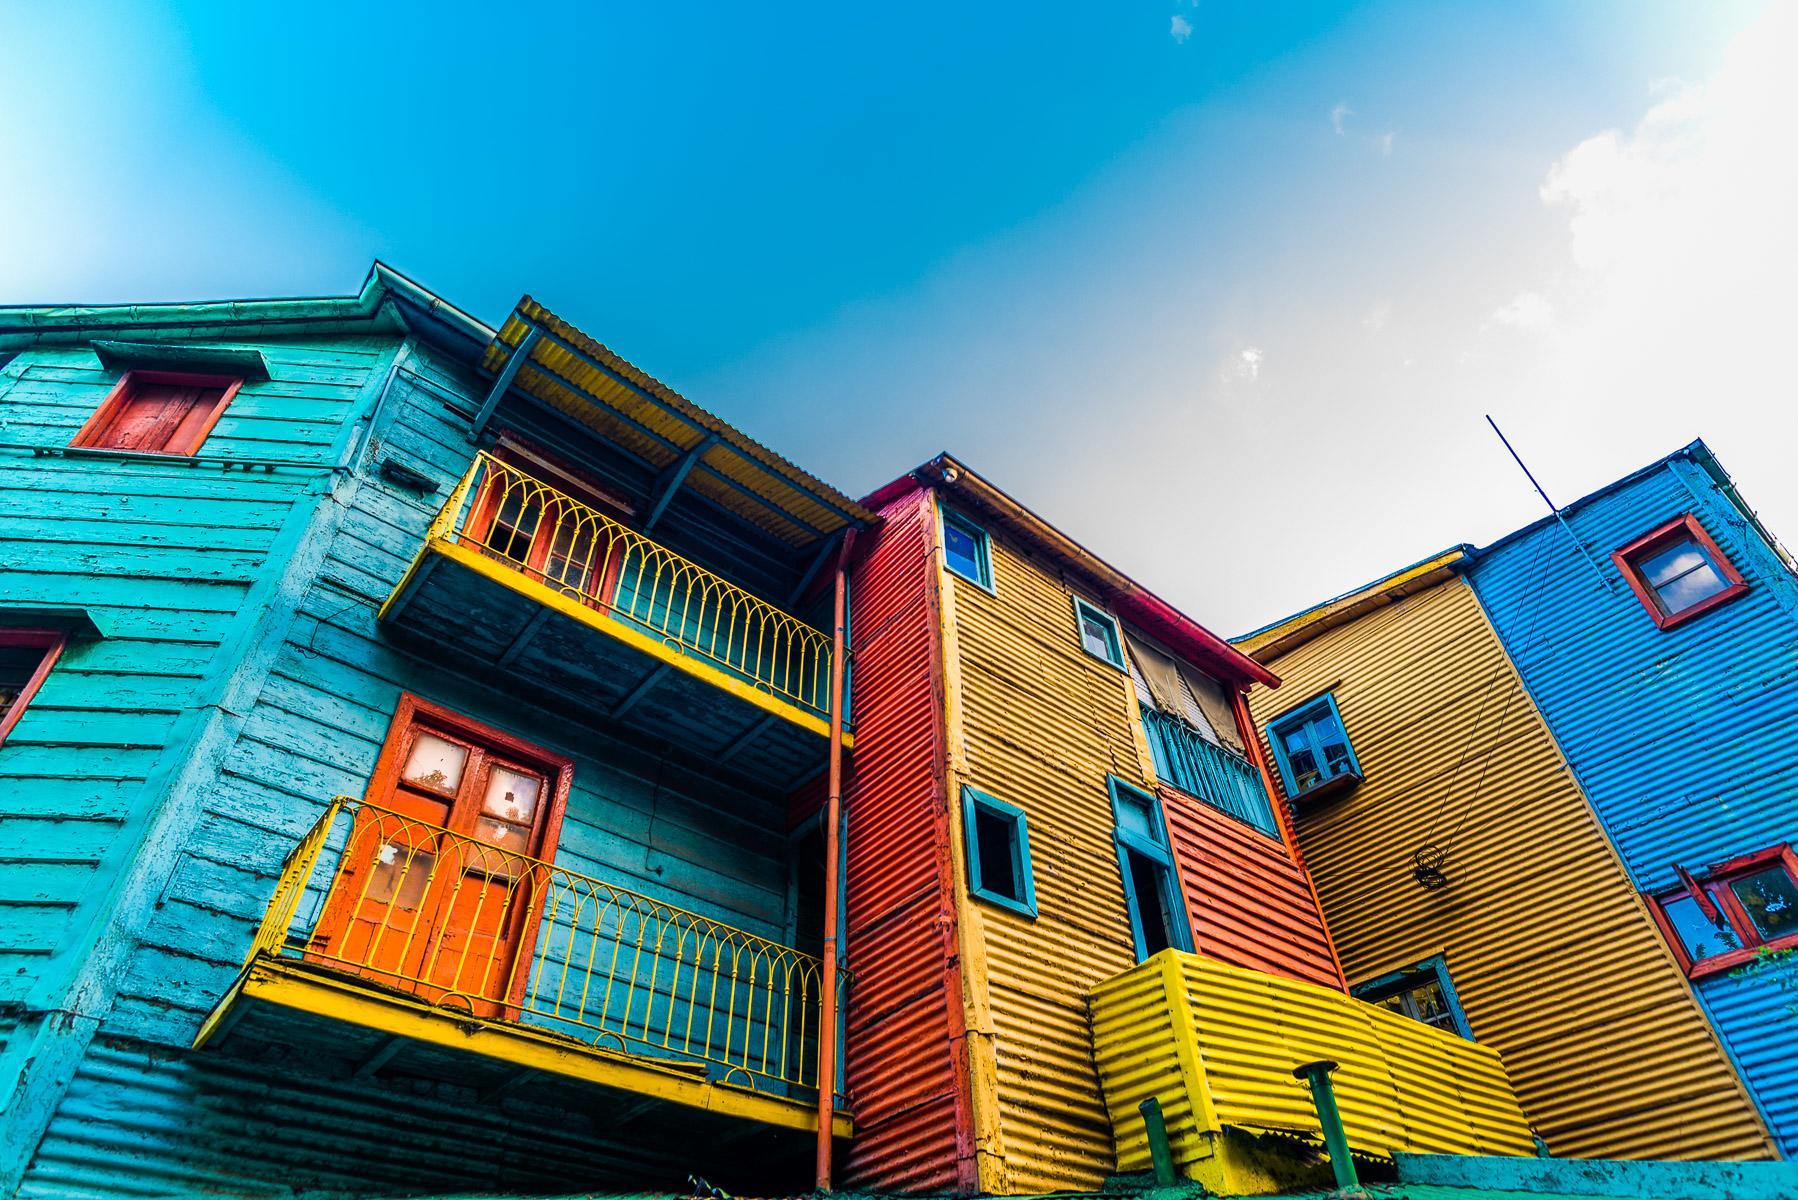 BA-Instagrammable-Neighborhood-La-Boca-21